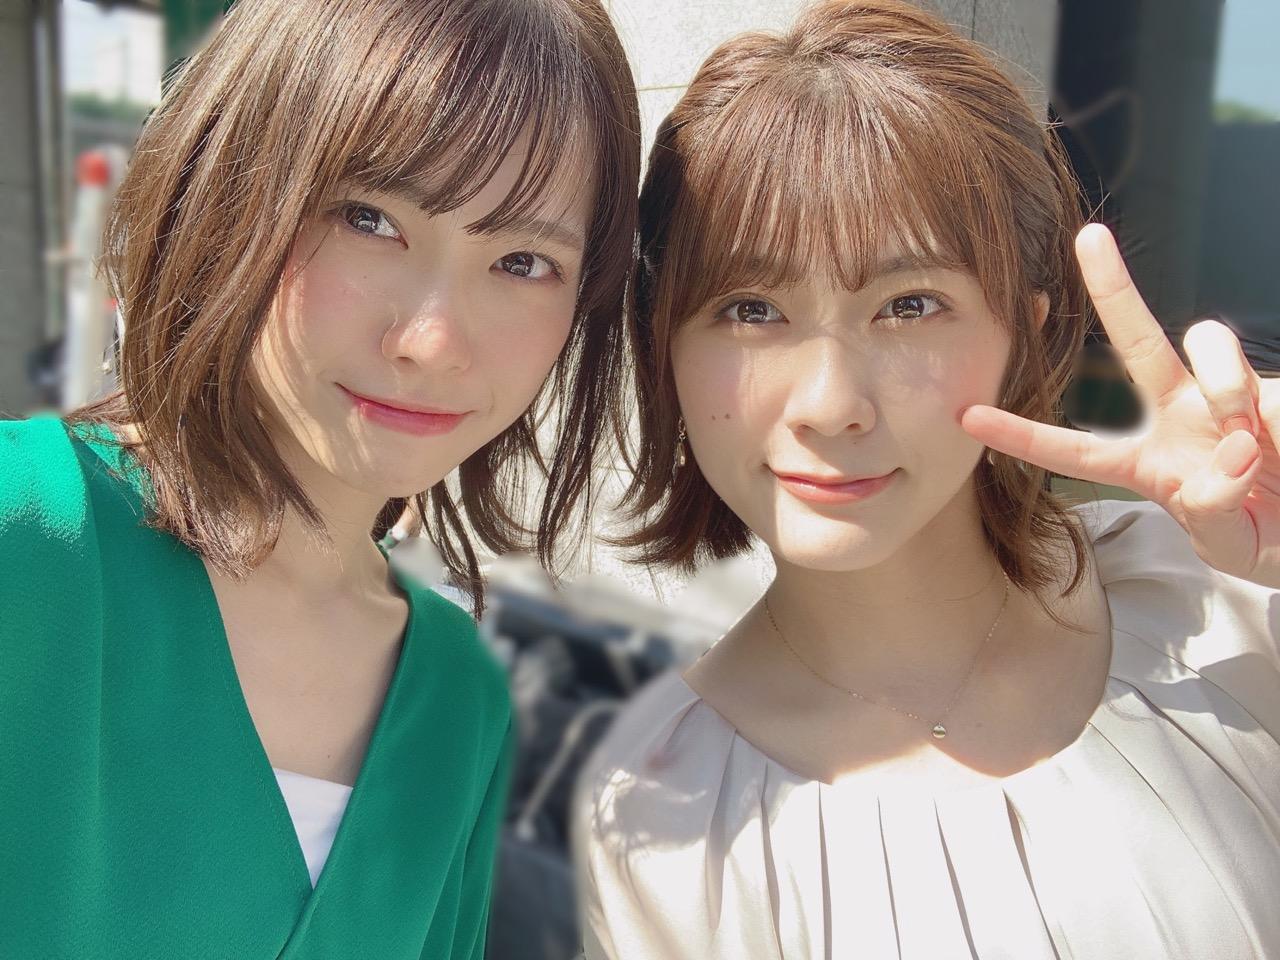 AKB48 チーム8 清水麻璃亜&小田えりながSPドラマ「嘘から始まる恋」に出演!